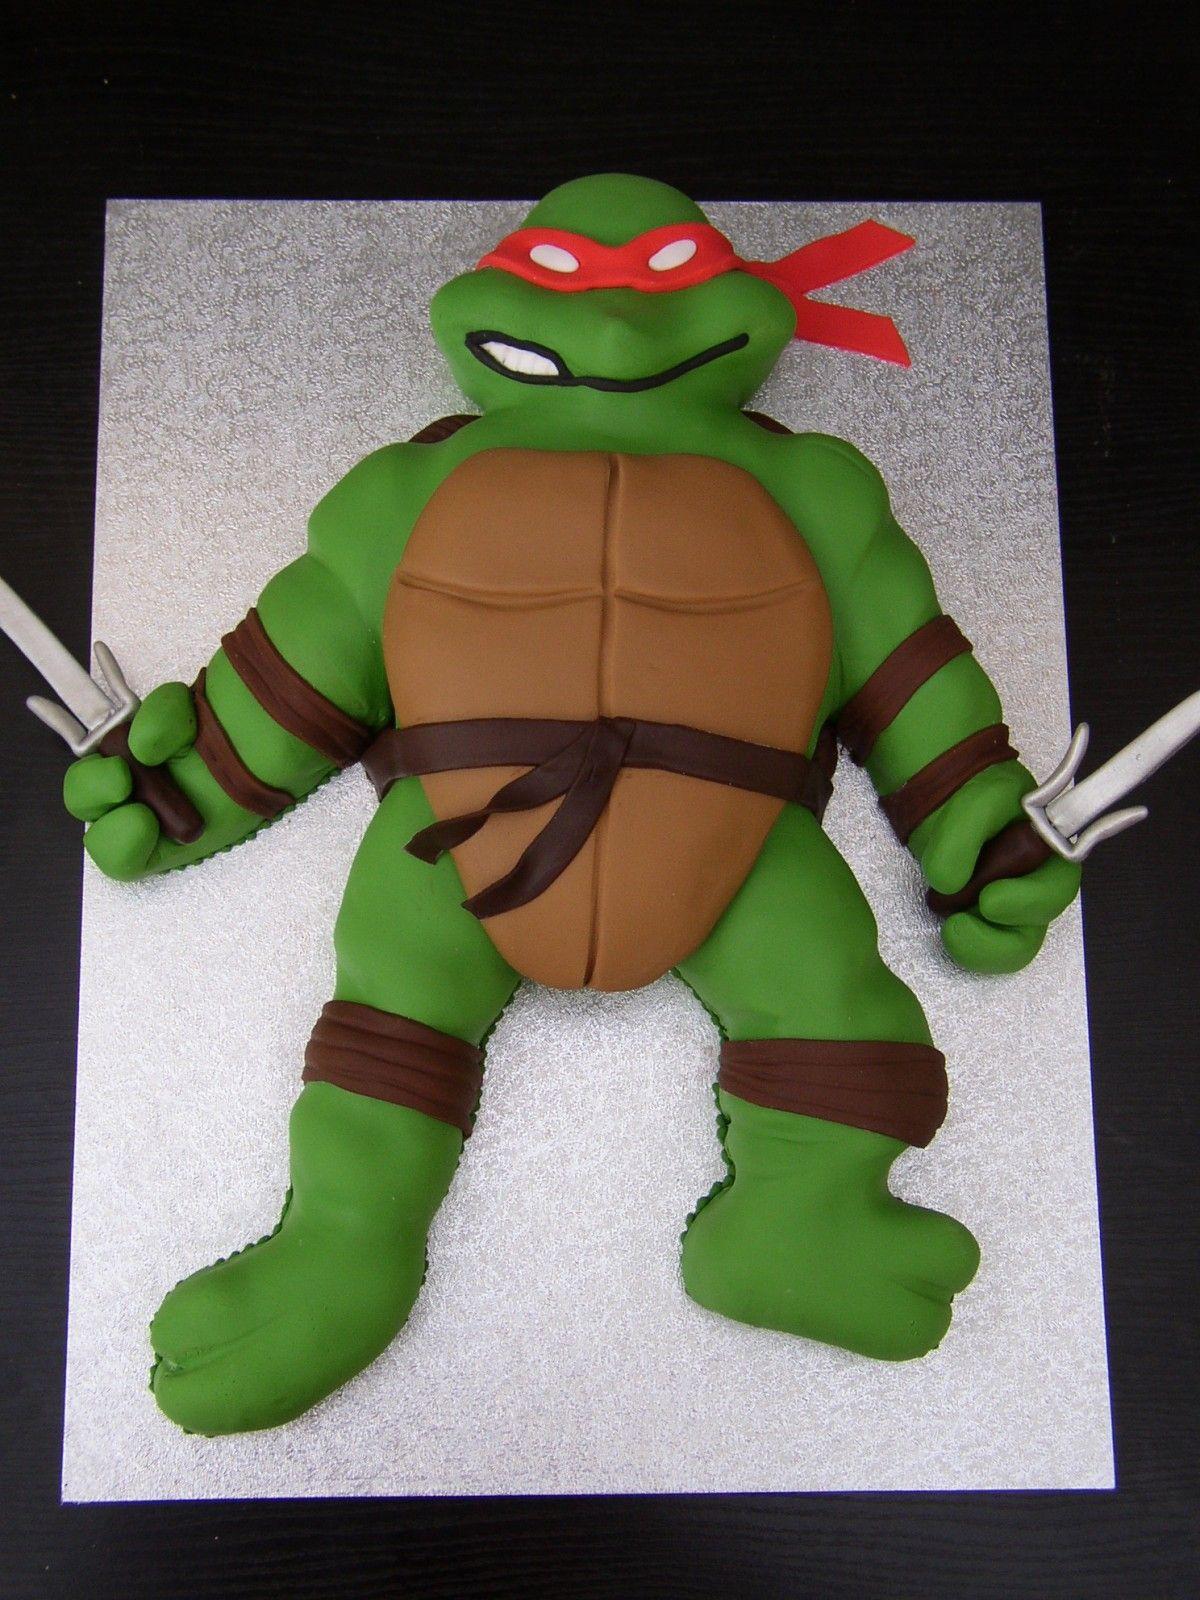 teenage mutant ninja turtles cake pan instructions